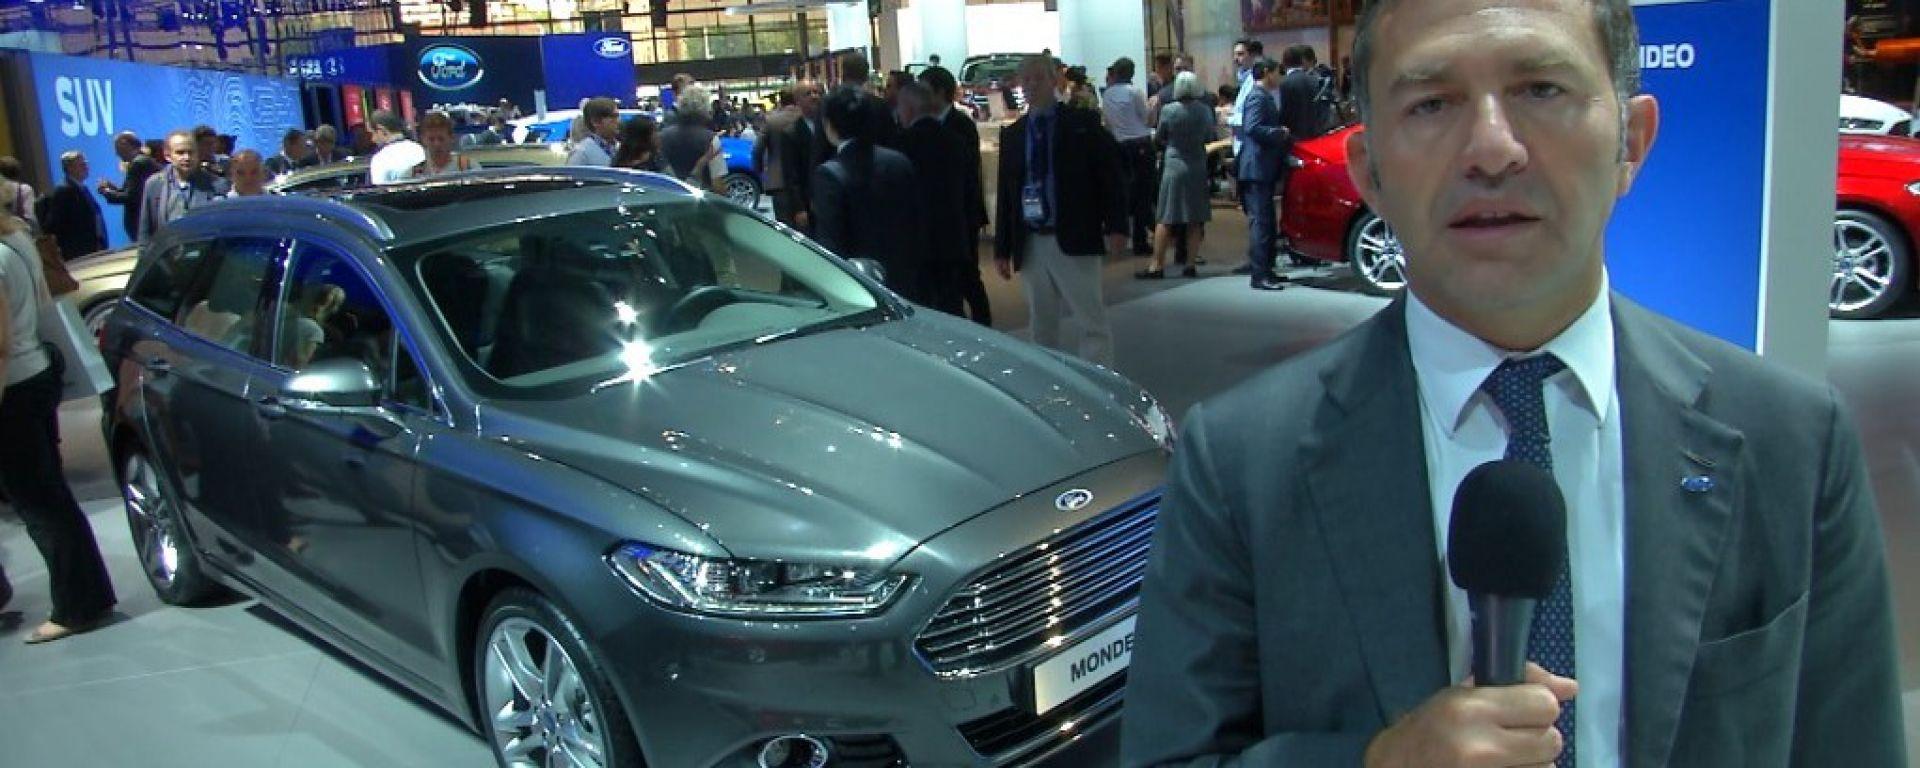 Salone di Parigi 2014, lo stand Ford